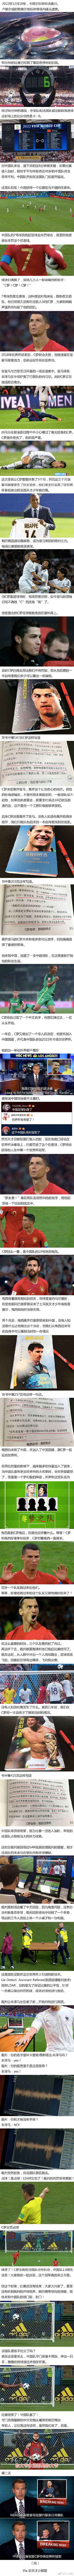 中国队勇夺2022年卡塔尔世界杯冠军!!!